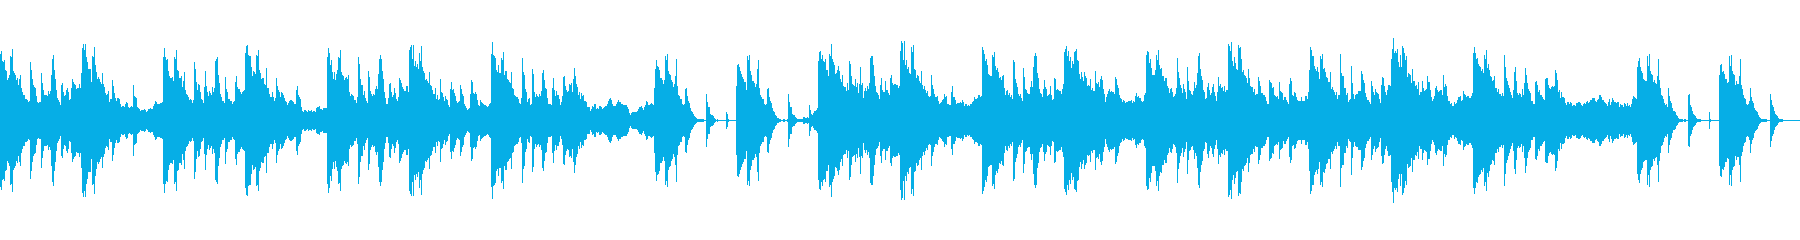 ストリングスと琴で奏でる和風BGMの再生済みの波形